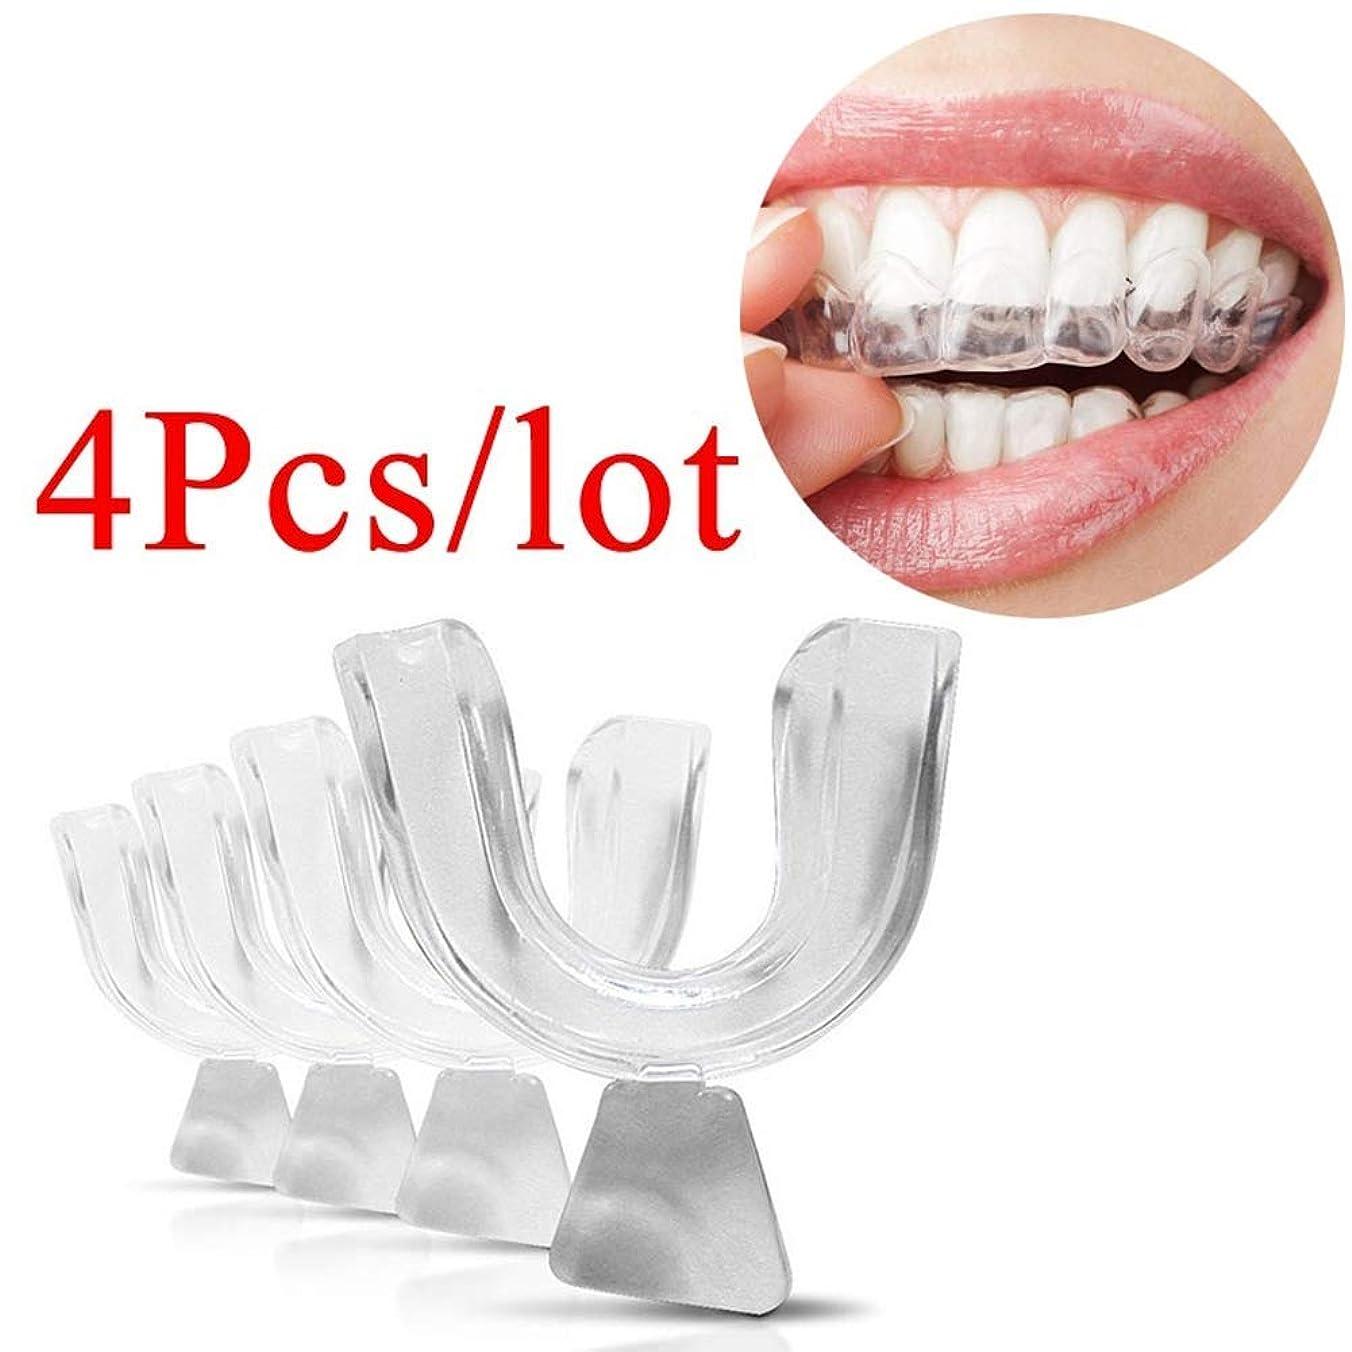 定義人類スキャン透明な食品等級を白くする安全な口の皿のMoldable歯科用歯の口の歯,4Pcs